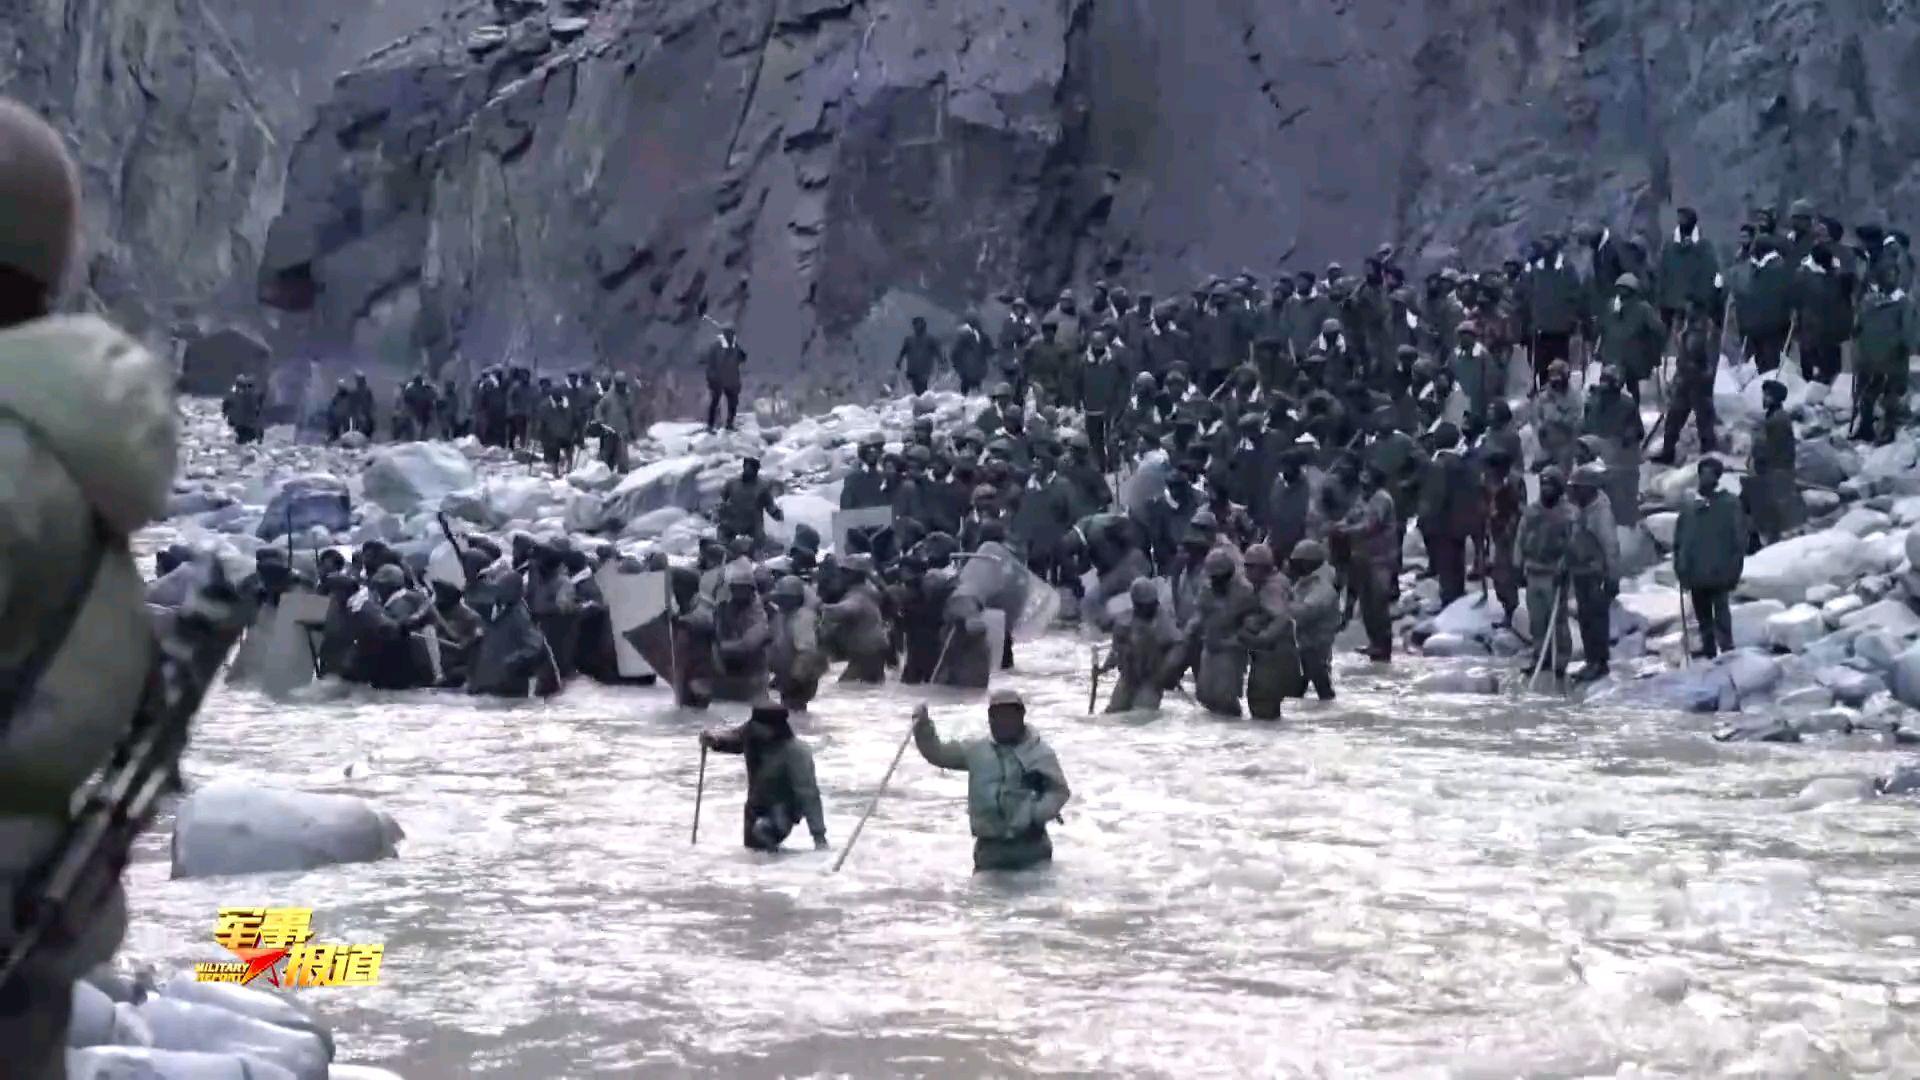 边境河谷冲突画面公开